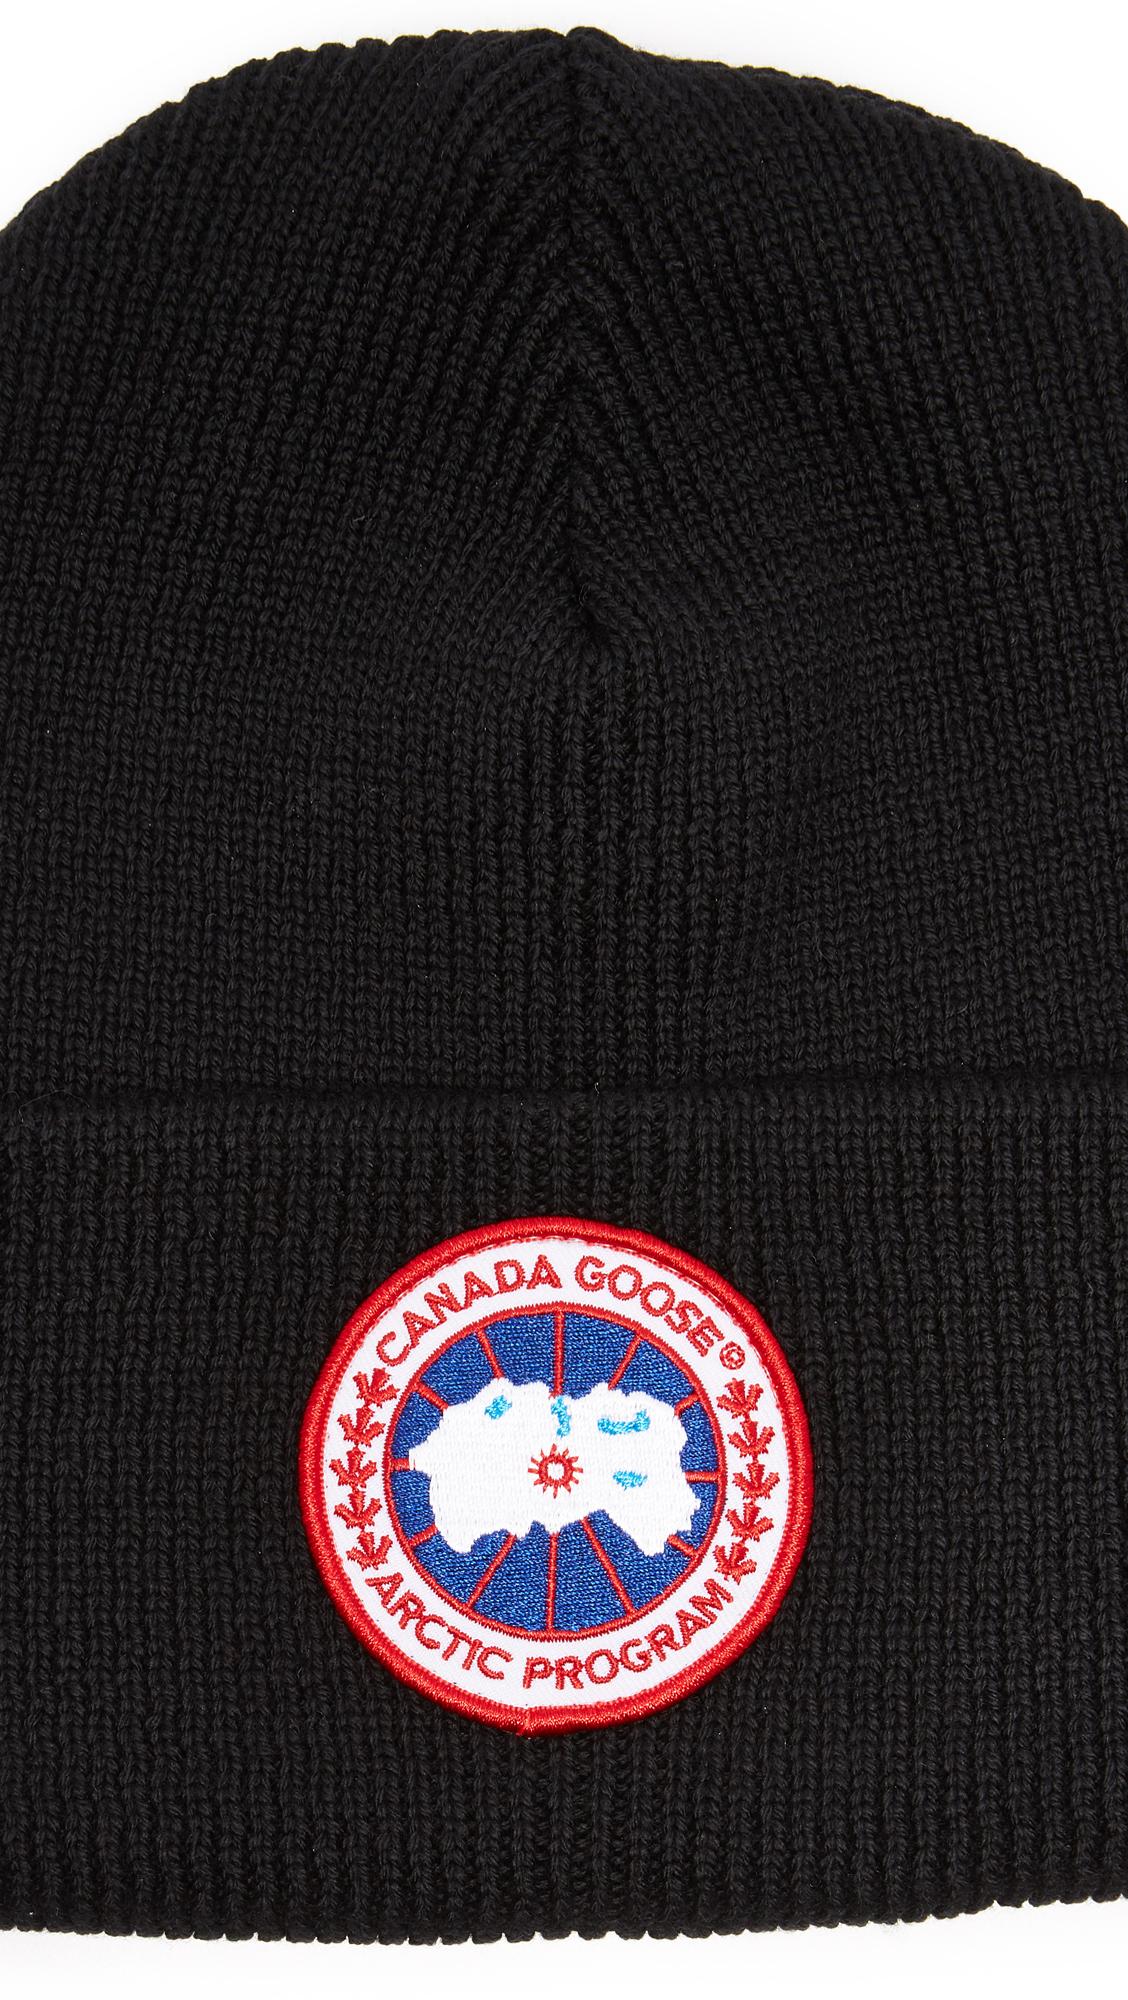 7c78735b370 Canada Goose Arctic Disc Torque Beanie